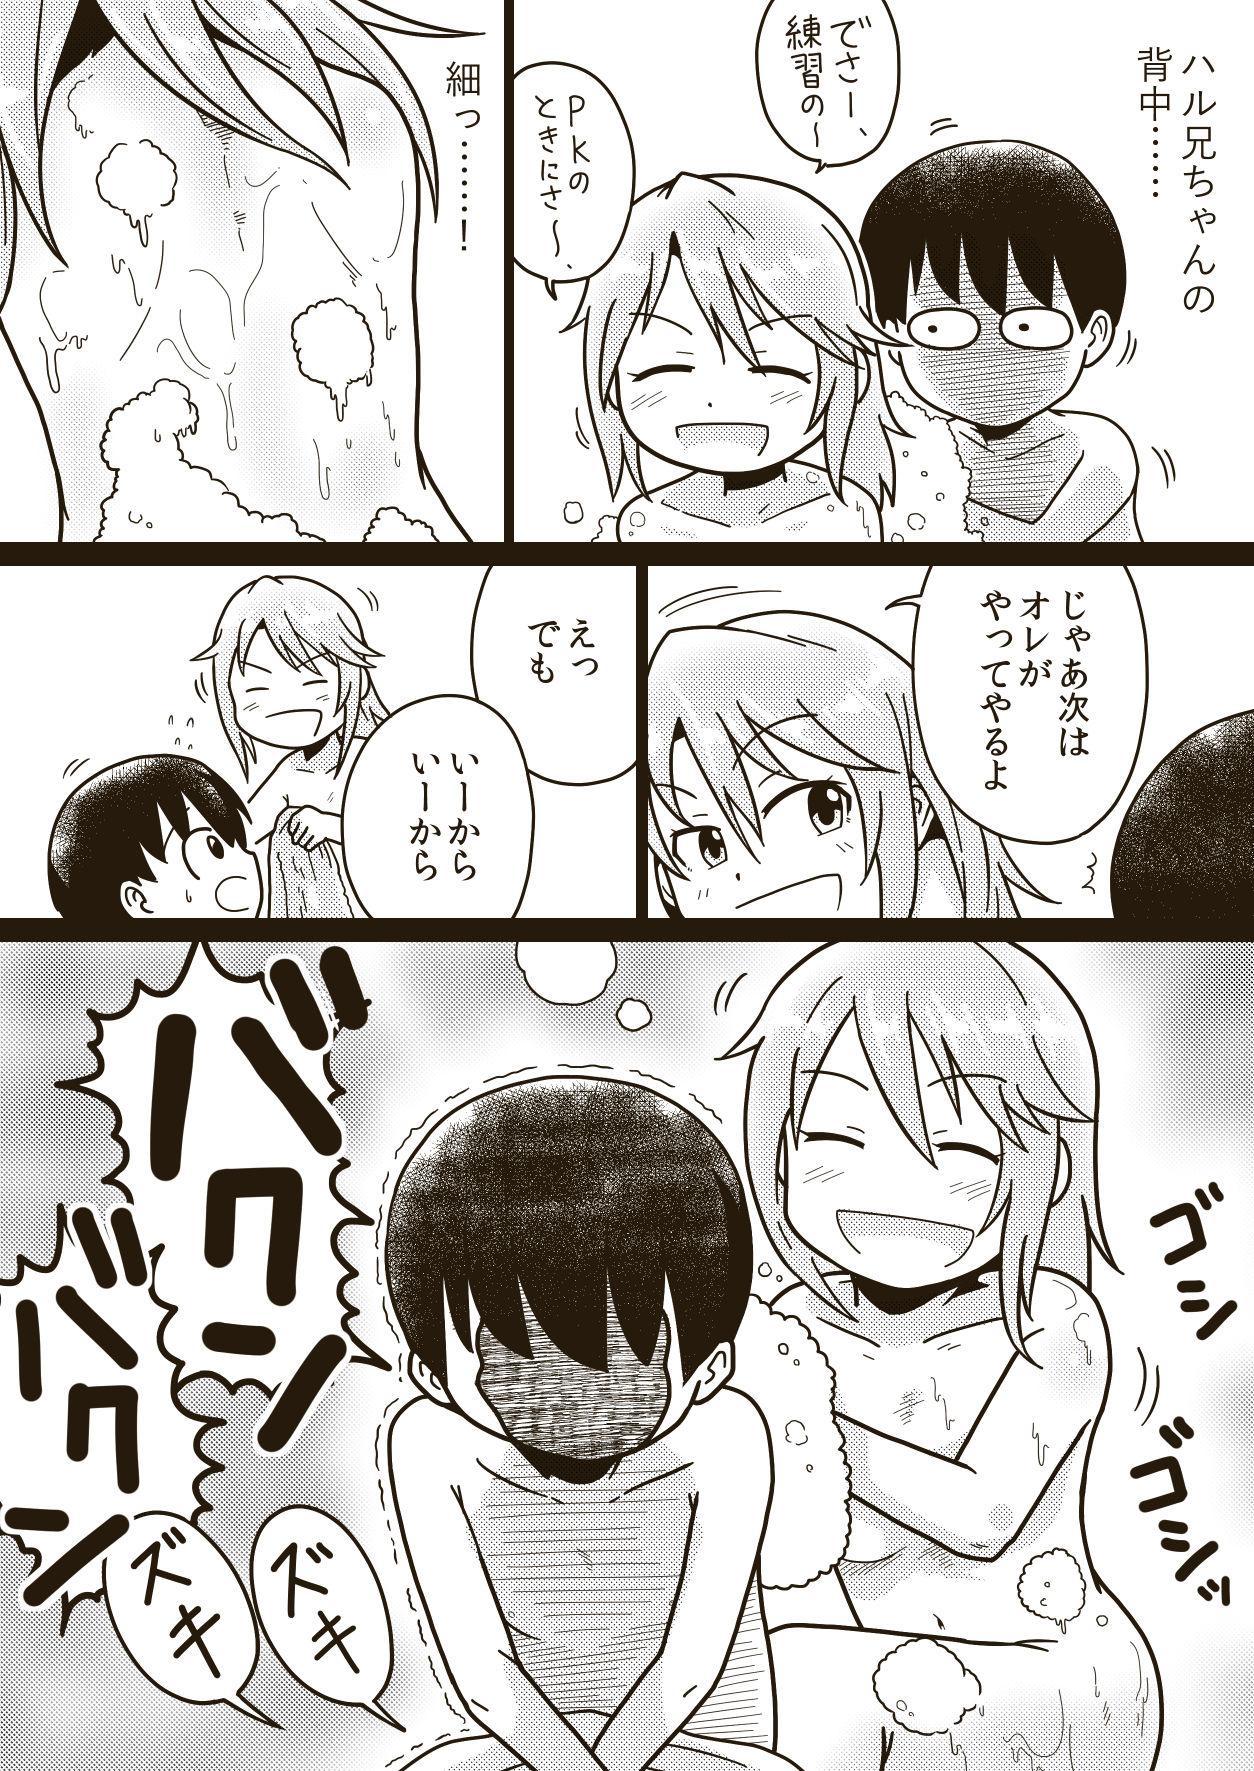 Boku no Onee-chan 5